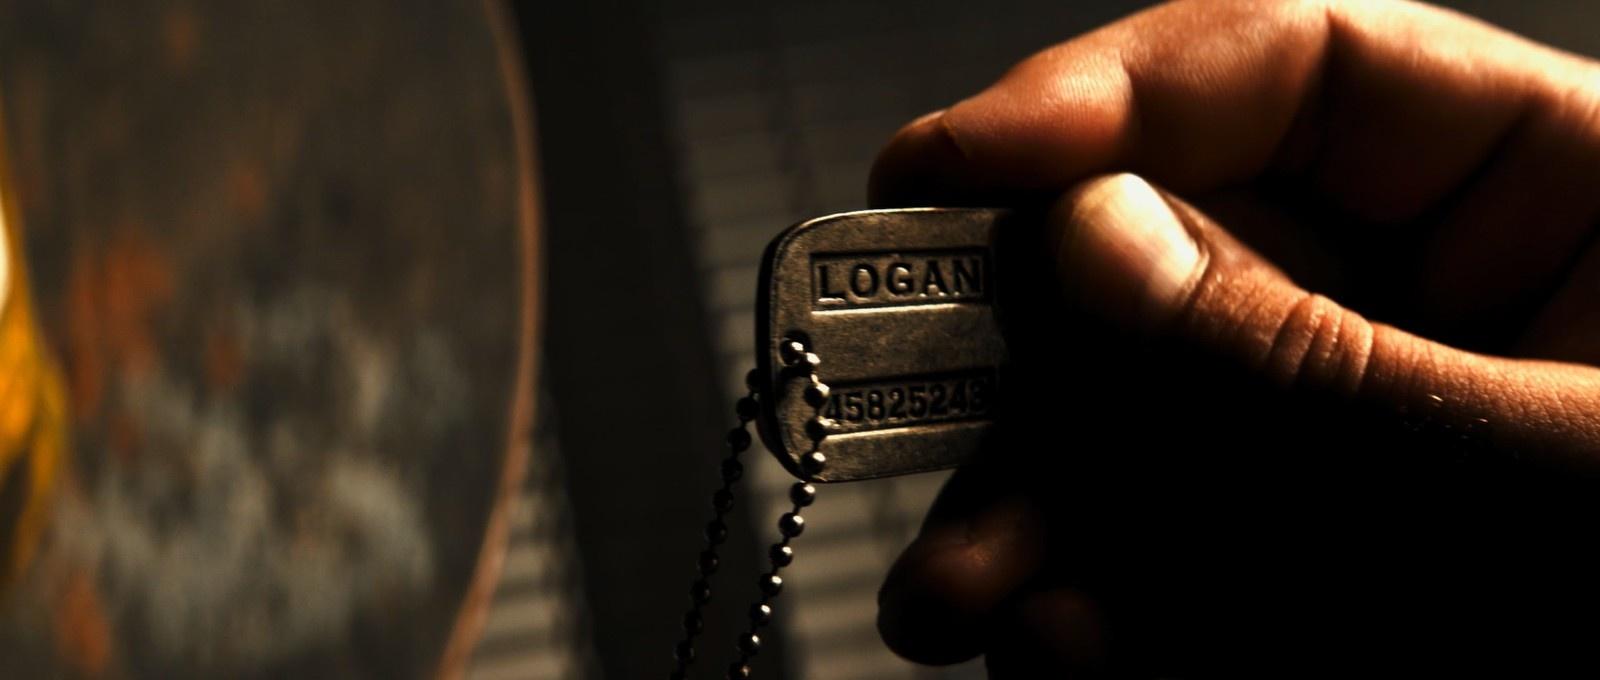 Galerie Logan 4